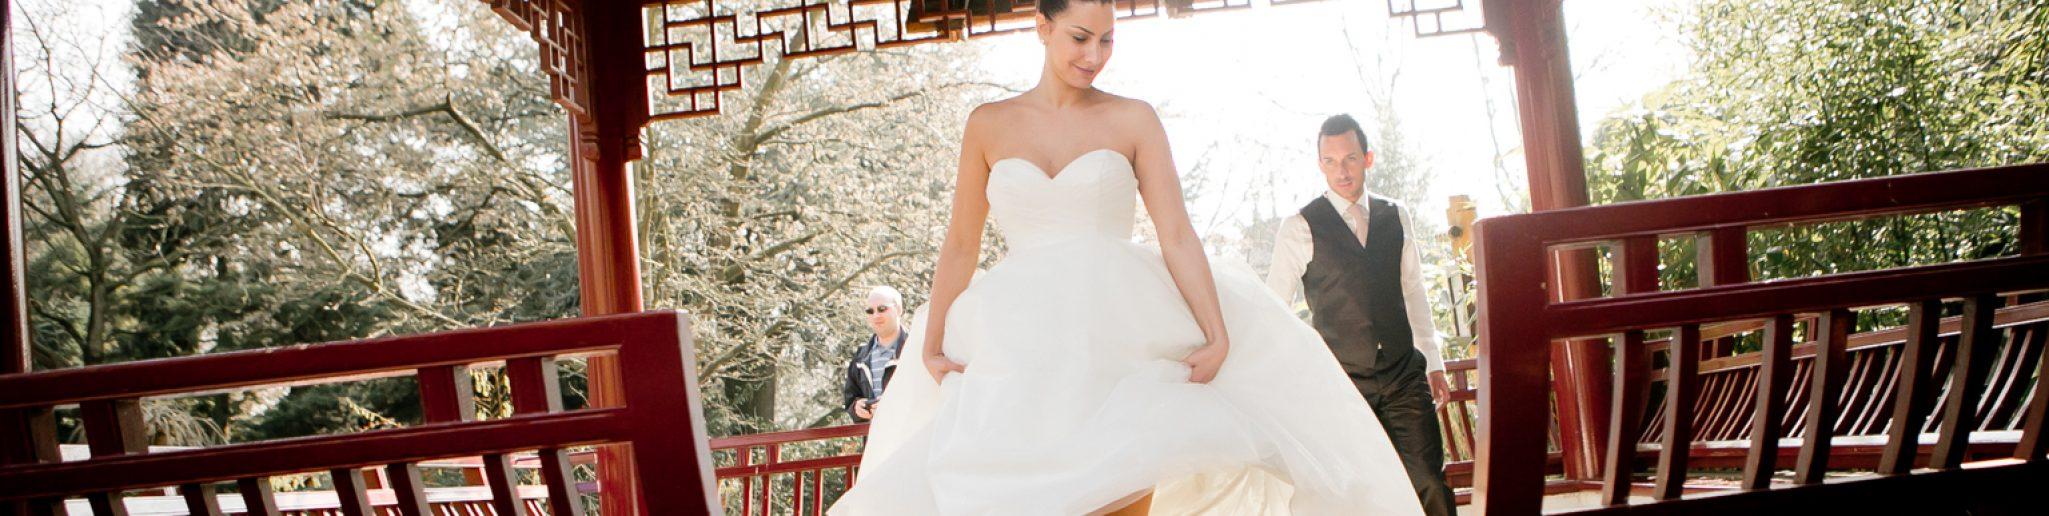 Vier je bruiloft in een van Europa's mooiste dierentuinen: Diergaarde Blijdorp